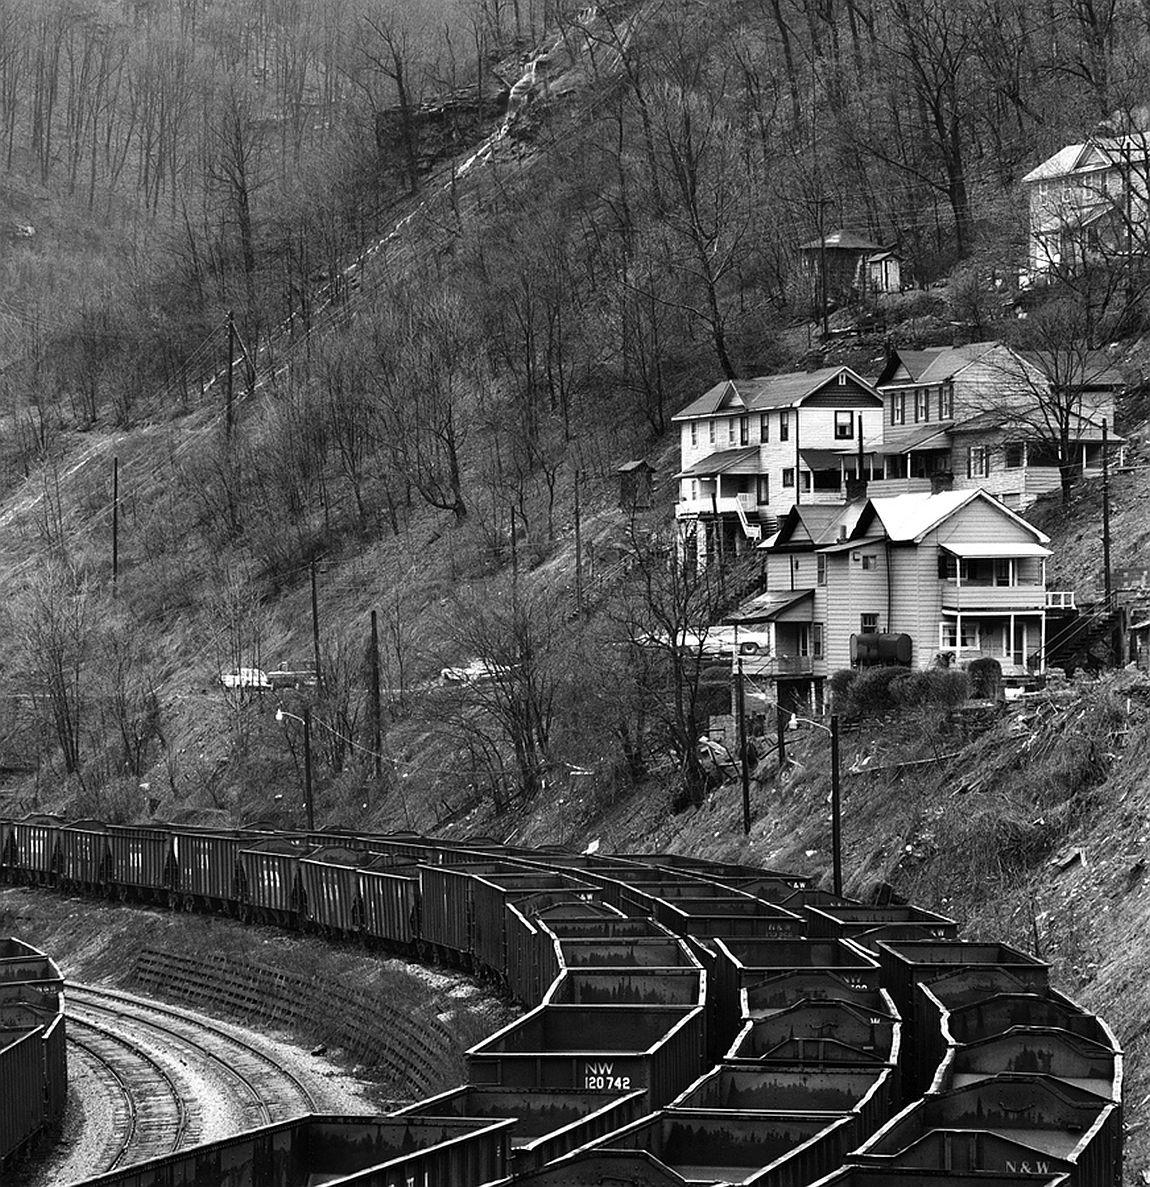 Welch, West VA. 1974.